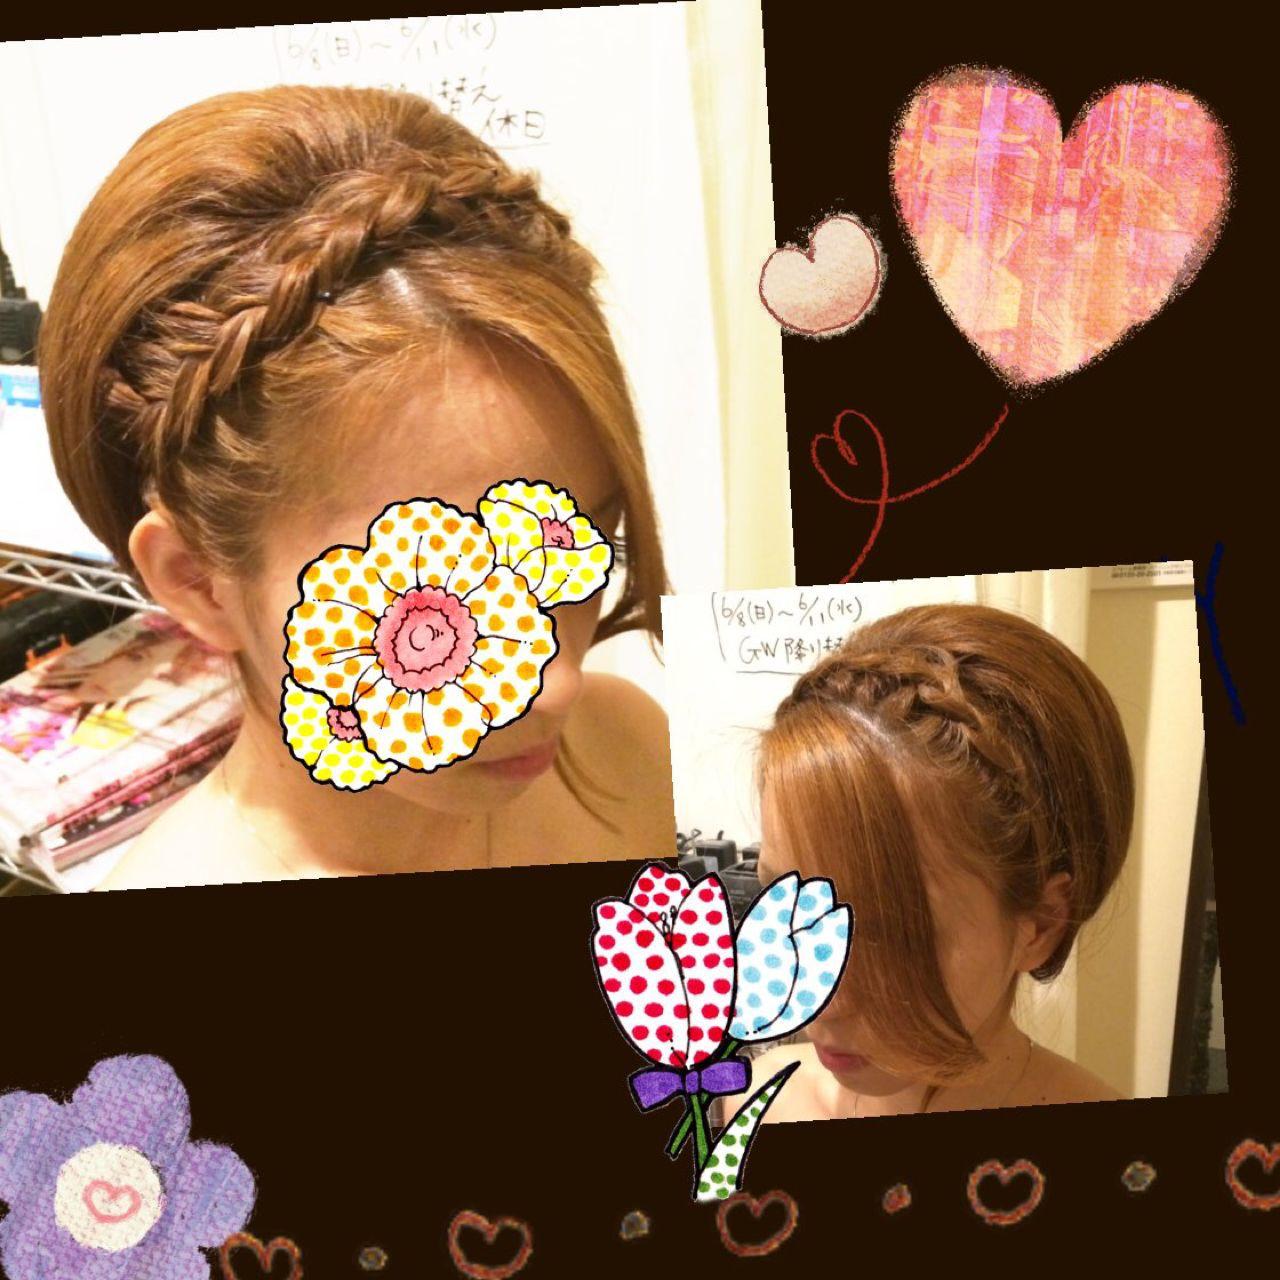 結婚式にピッタリ♡華のあるヘアアレンジ nao